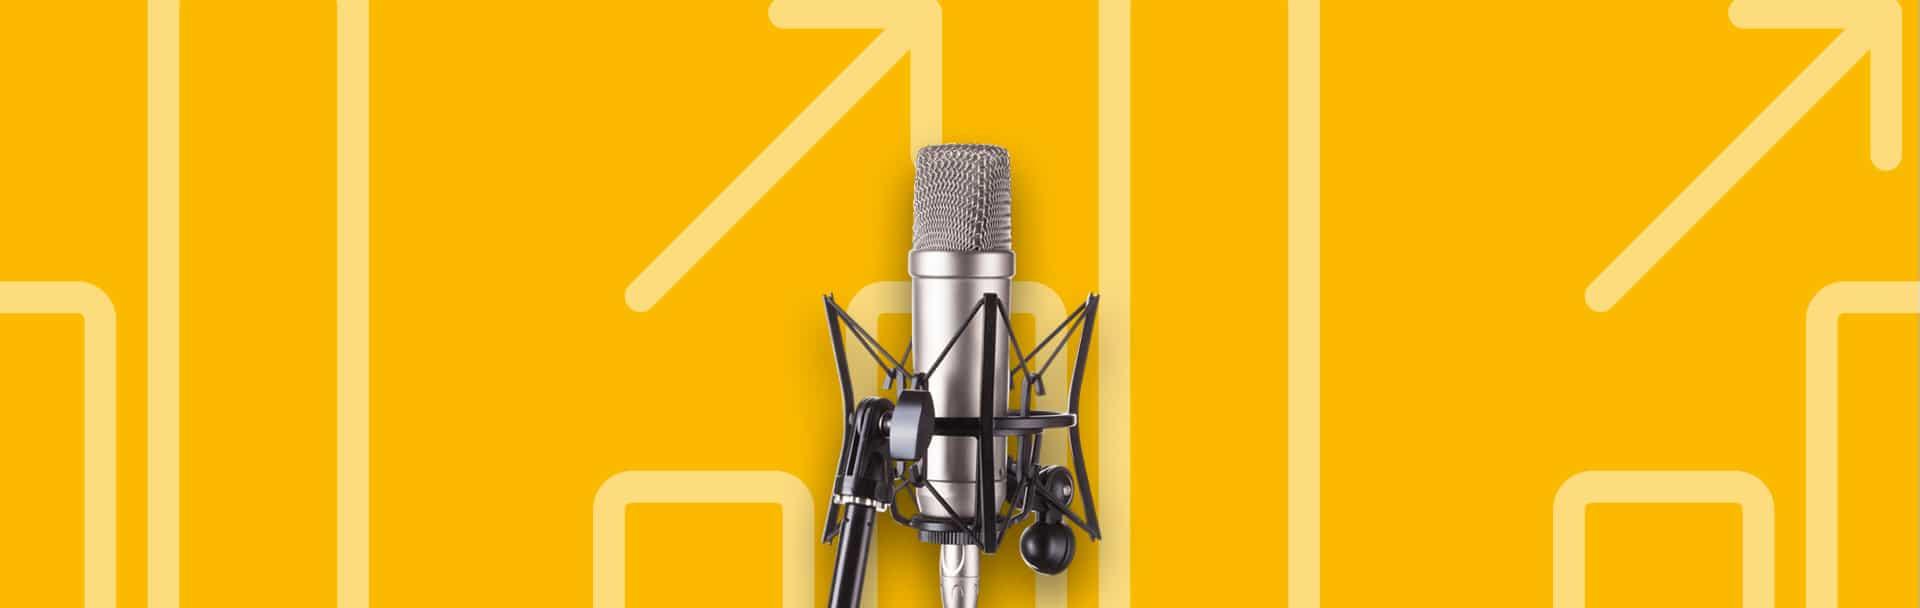 Podcast: Op weg naar de data driven boardroom - Hot ITem